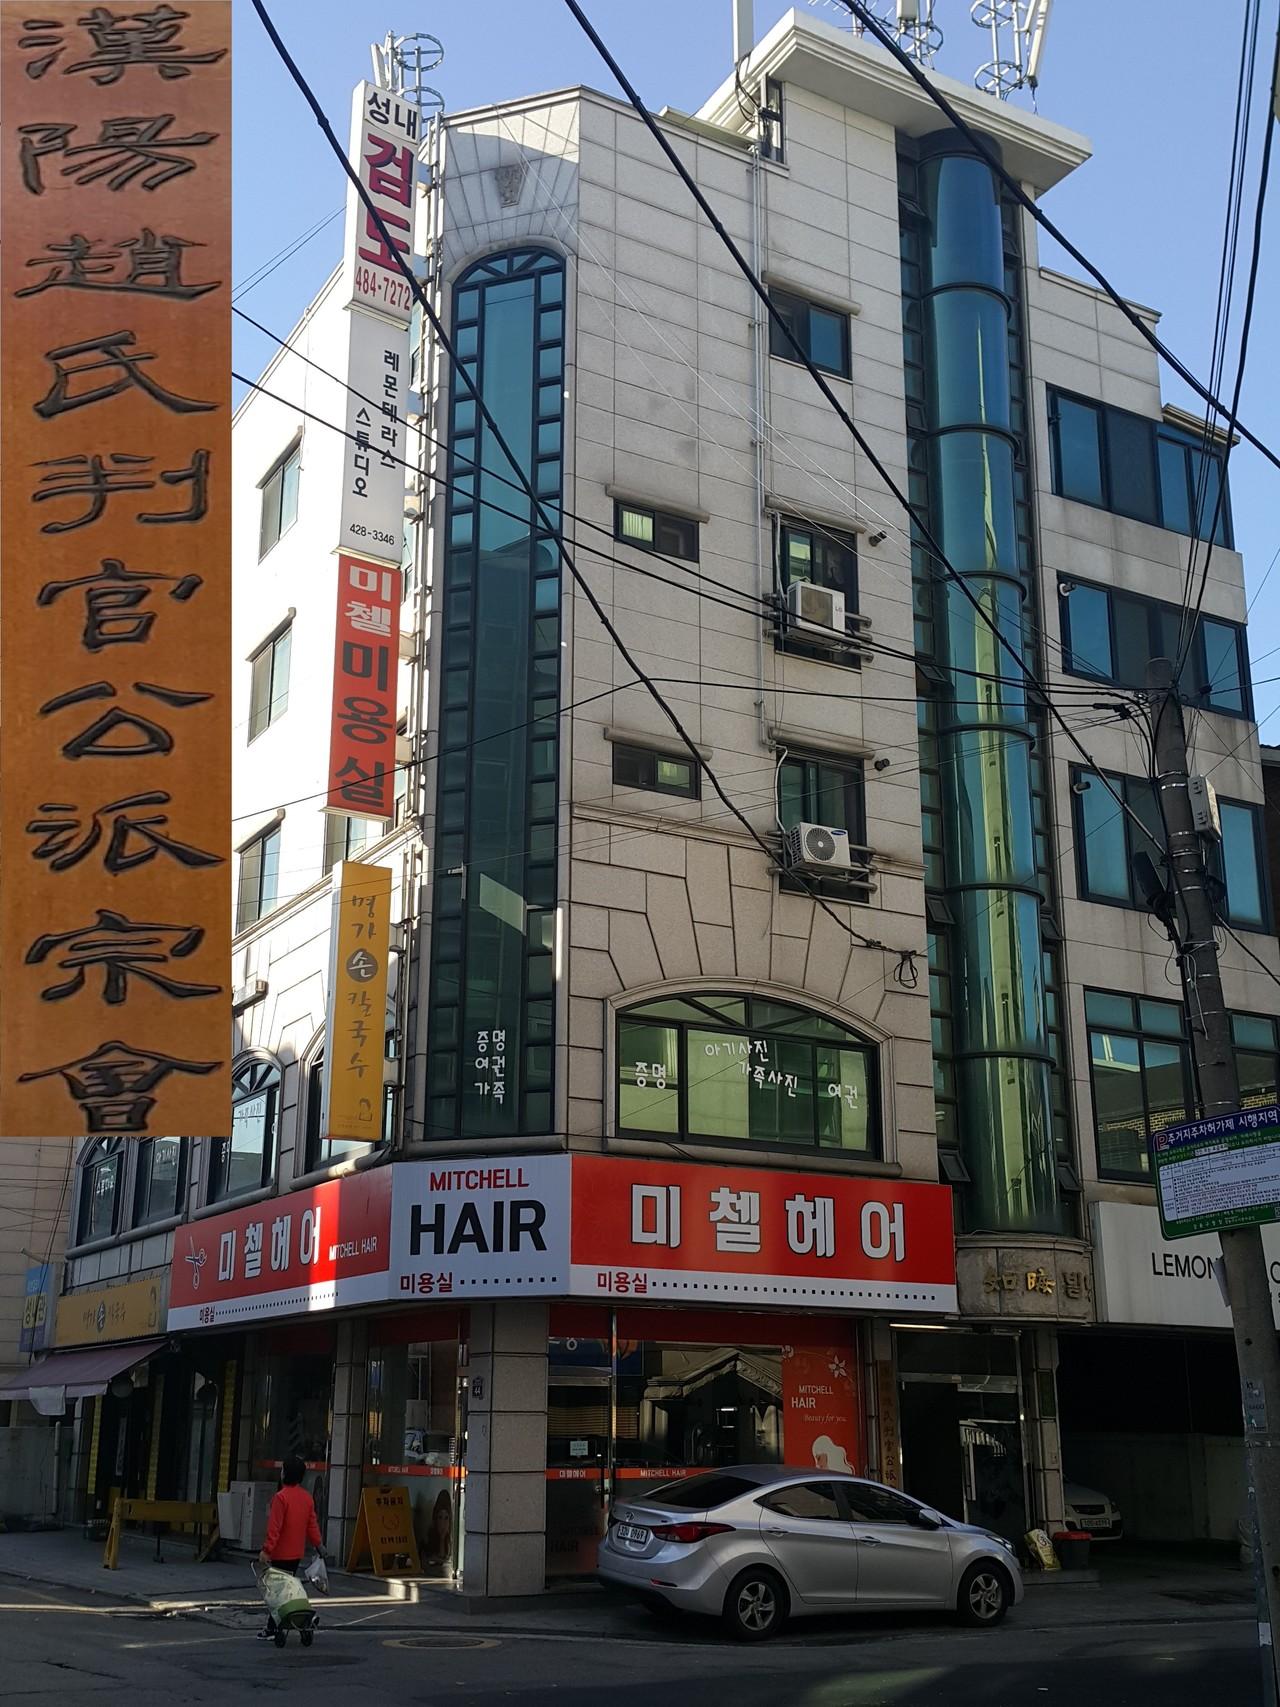 판관공파종회 회관 여회 빌딩. 서울특별시 강동구 풍성로54길 44 .